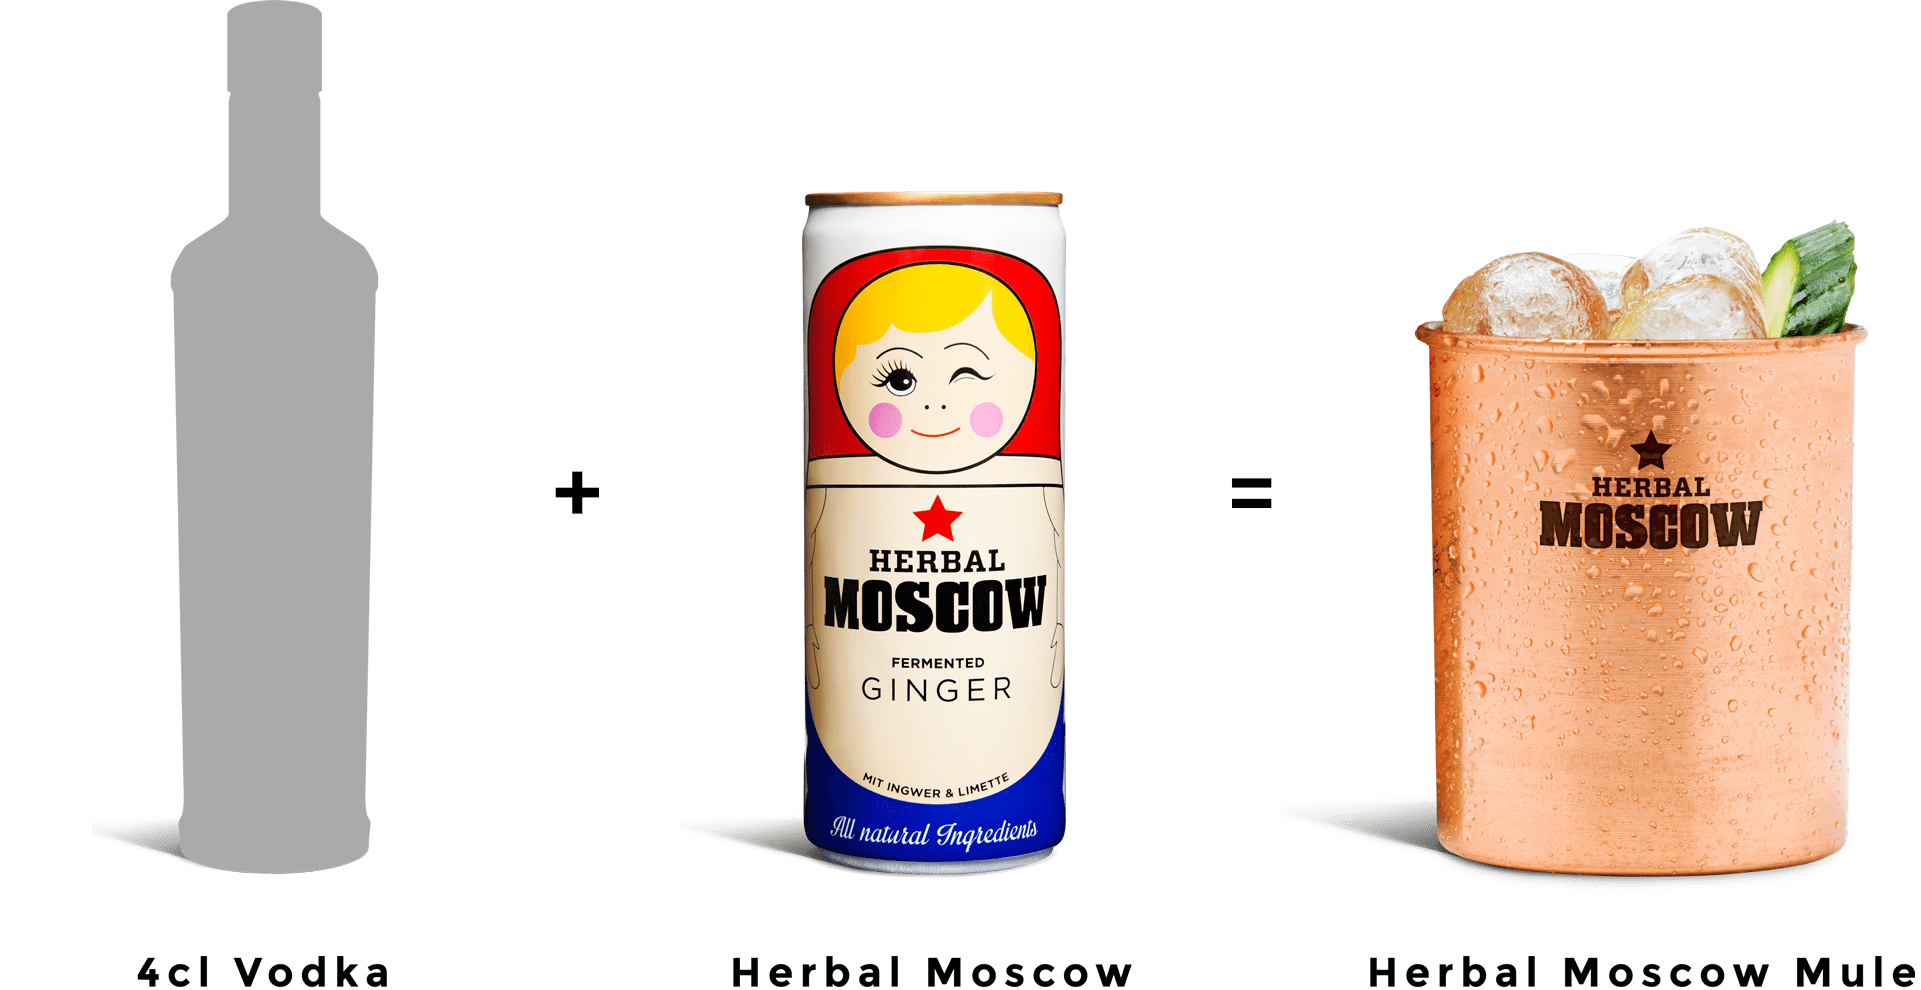 Herbal Moscow Mule Brand Garage